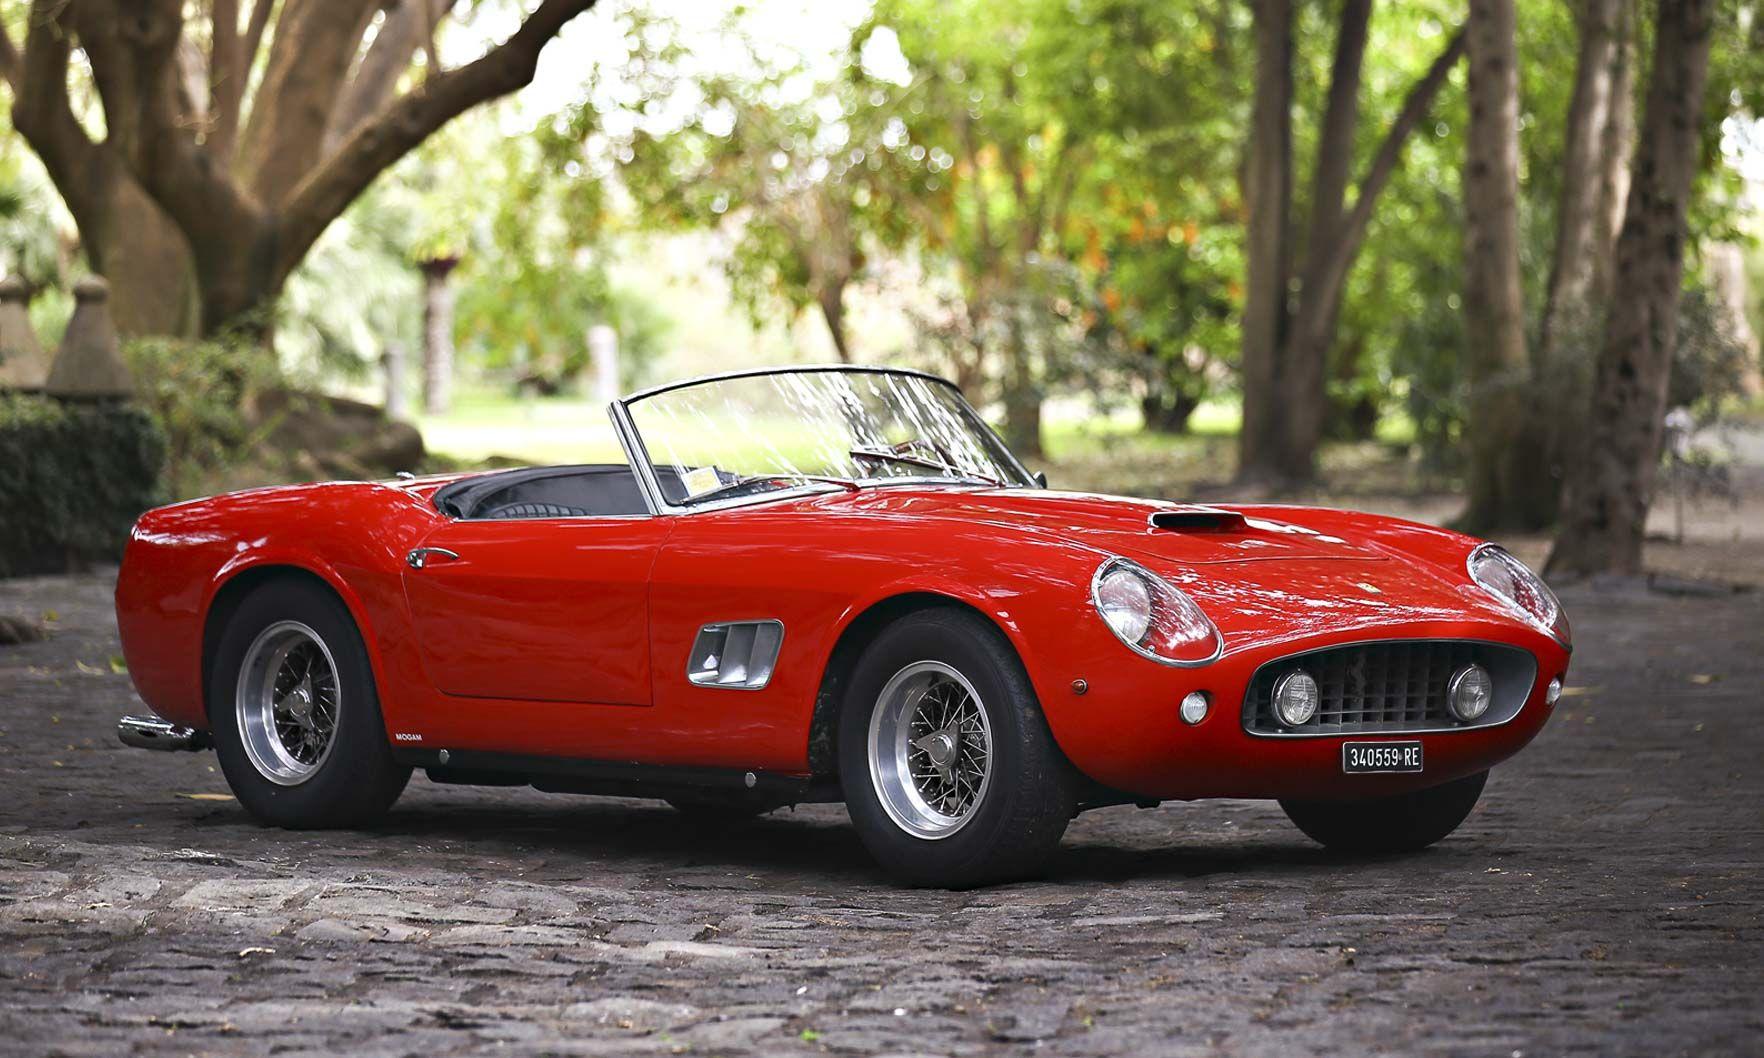 1961 Ferrari 250 Gt Swb California Spider Teuere Autos Superauto Ferrari California